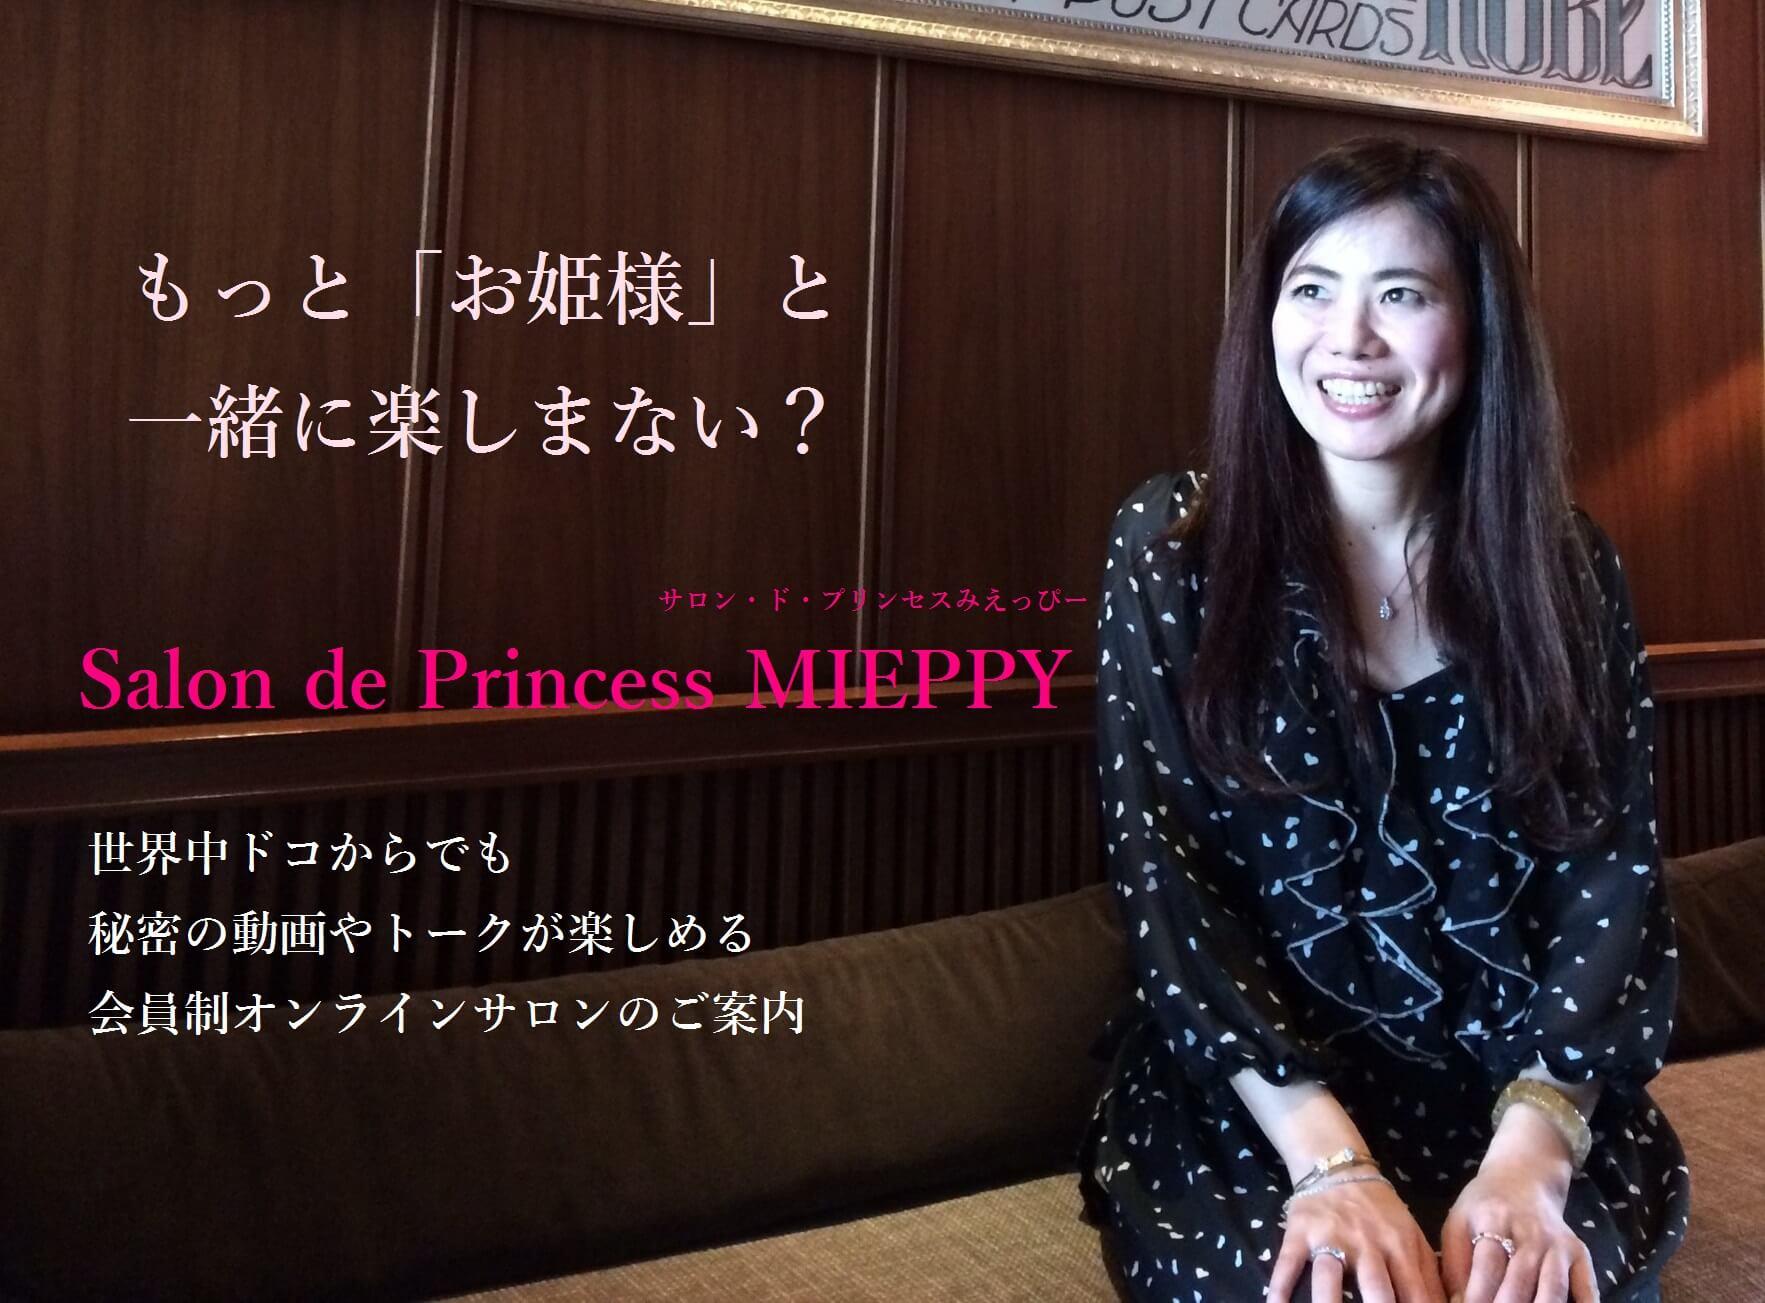 サロン・ド・プリンセスみえっぴー